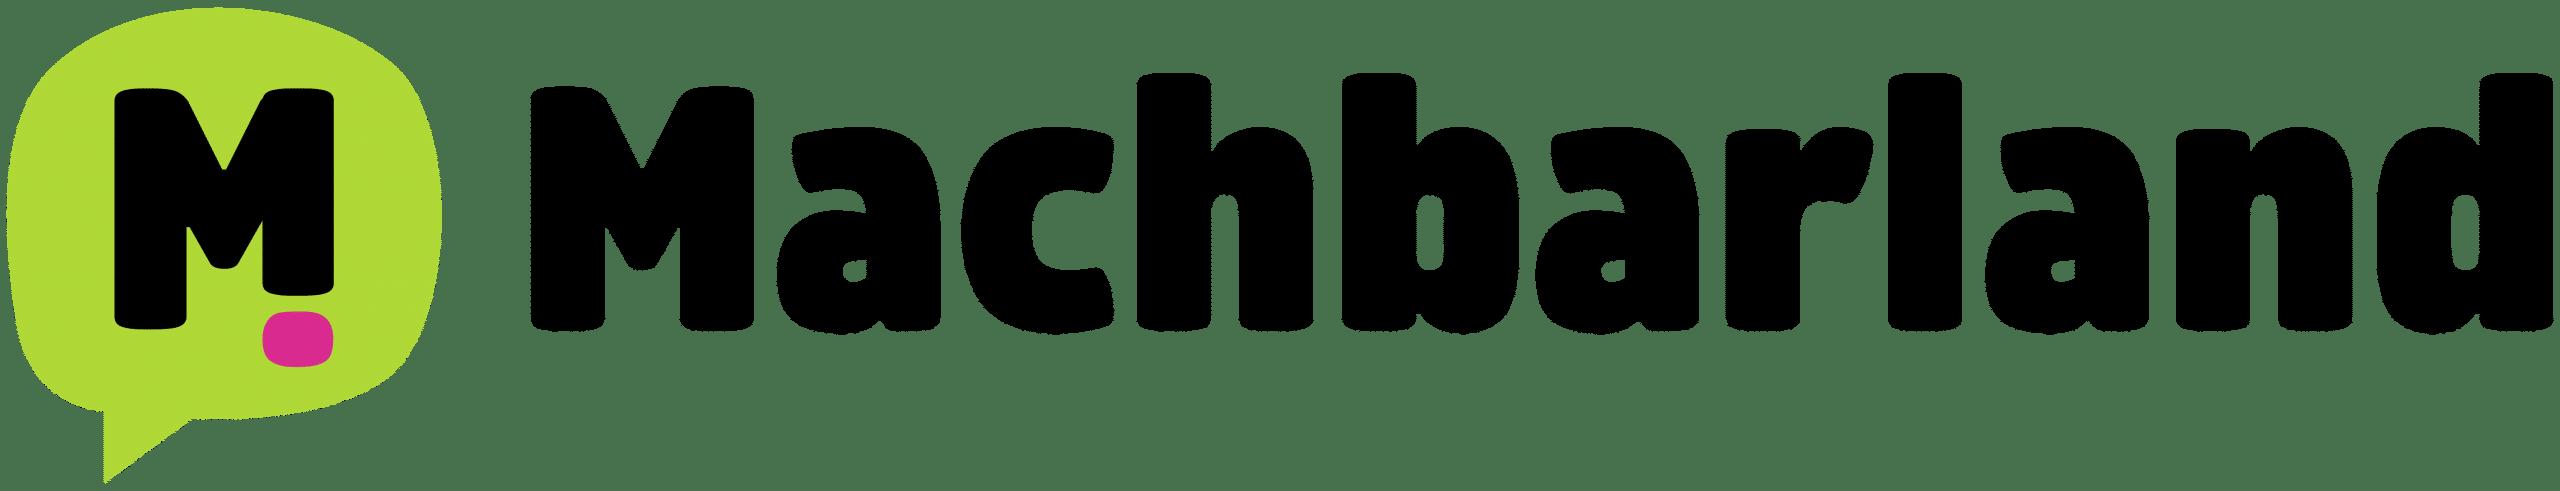 Machbarland - Eine Plattform für einen neue Welt - Postwachstum - Nachhaltigkeit - Basisdemokratie